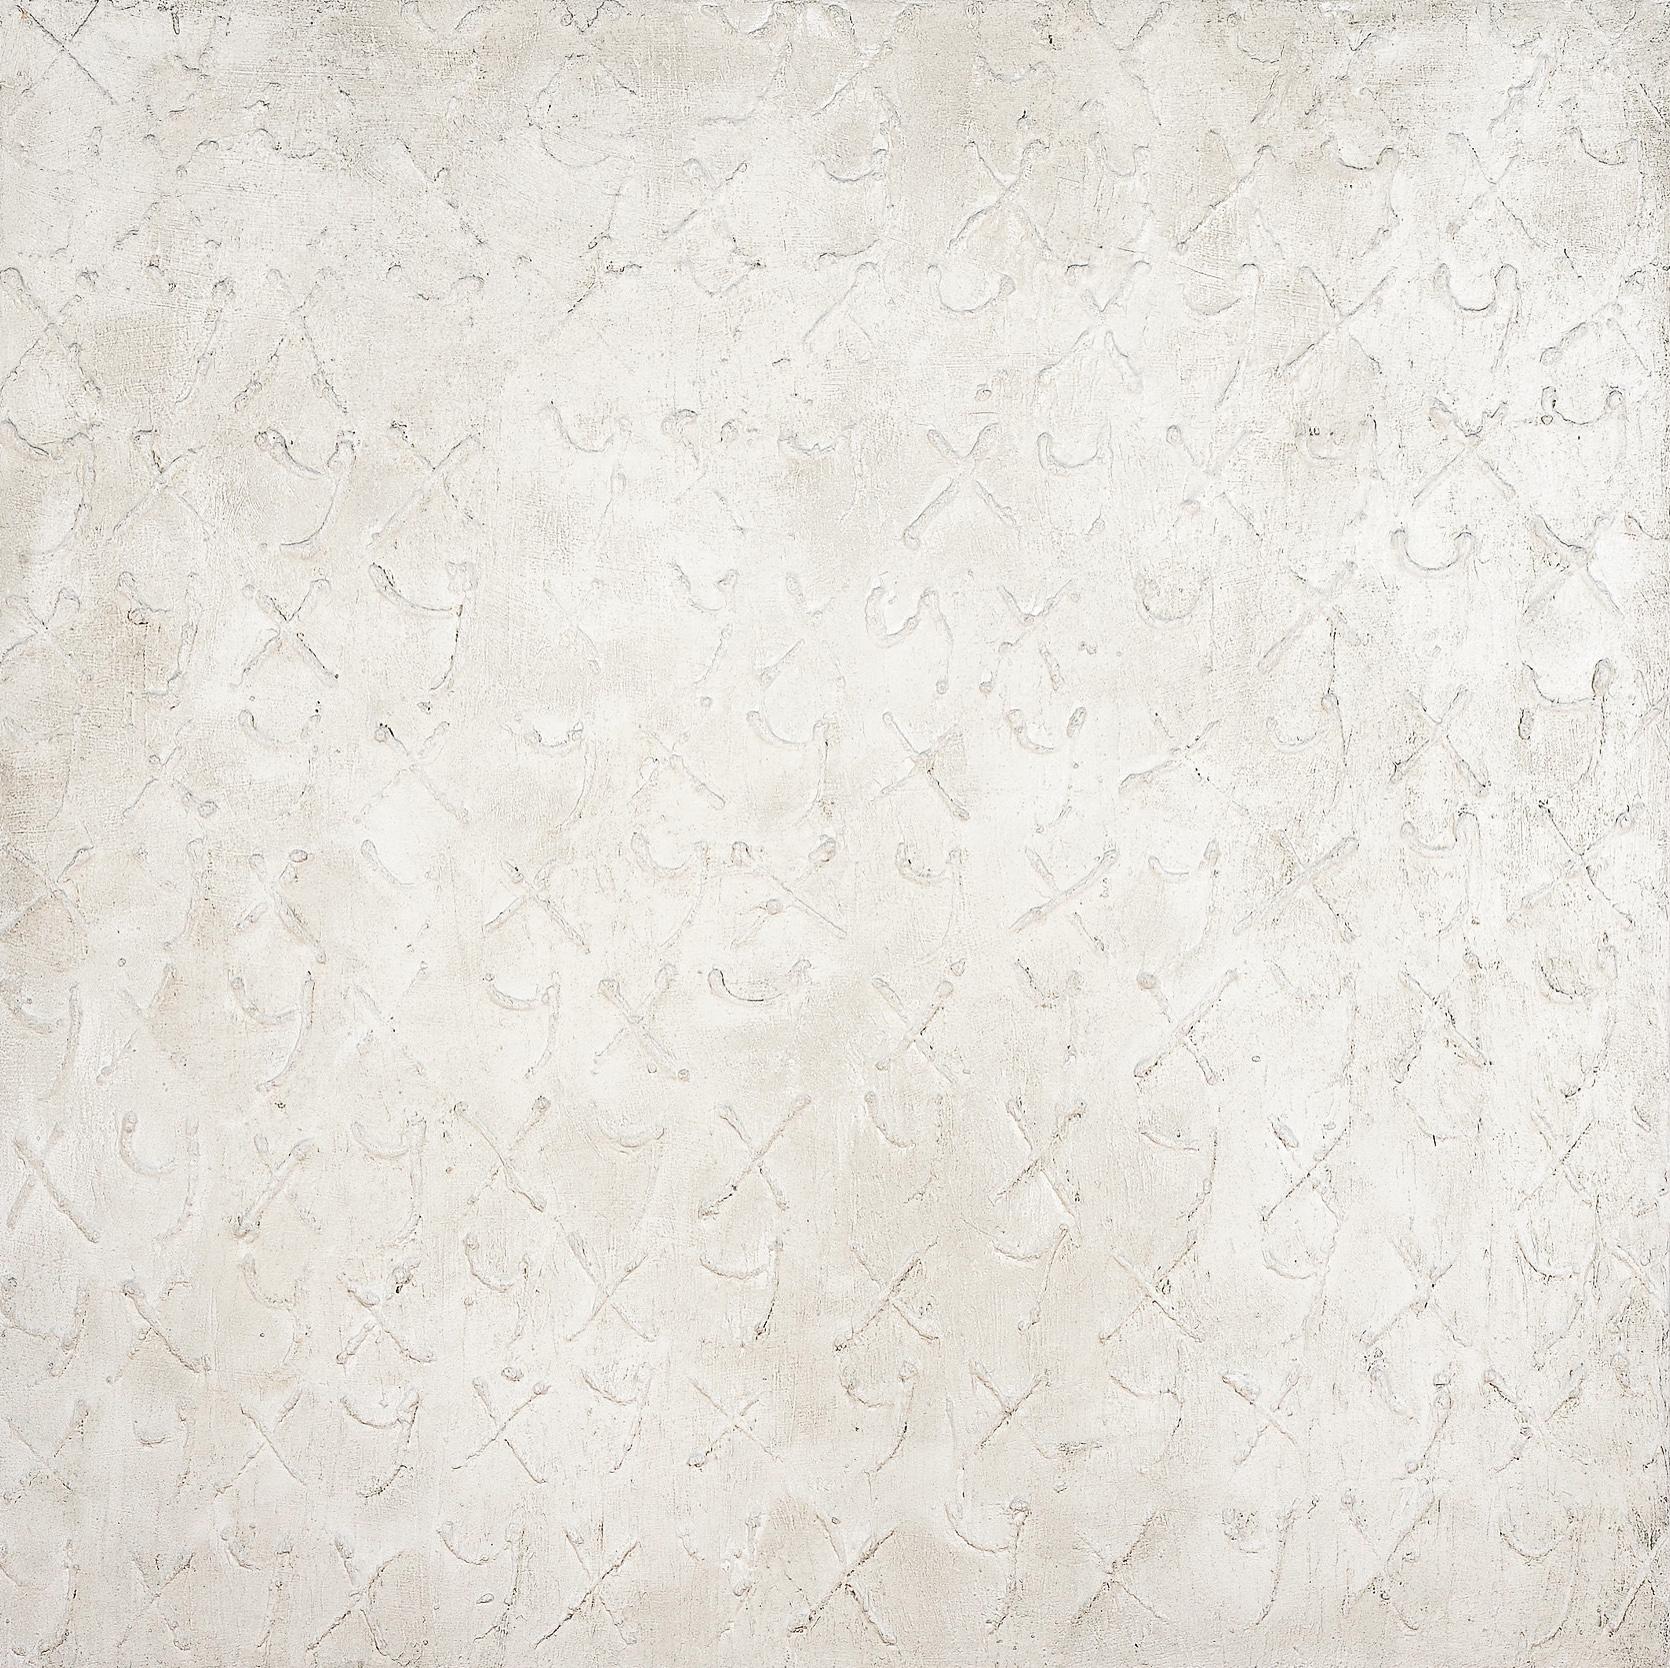 O. T., 2011, Mischtechnik auf Leinwand, 200 x 240 cm